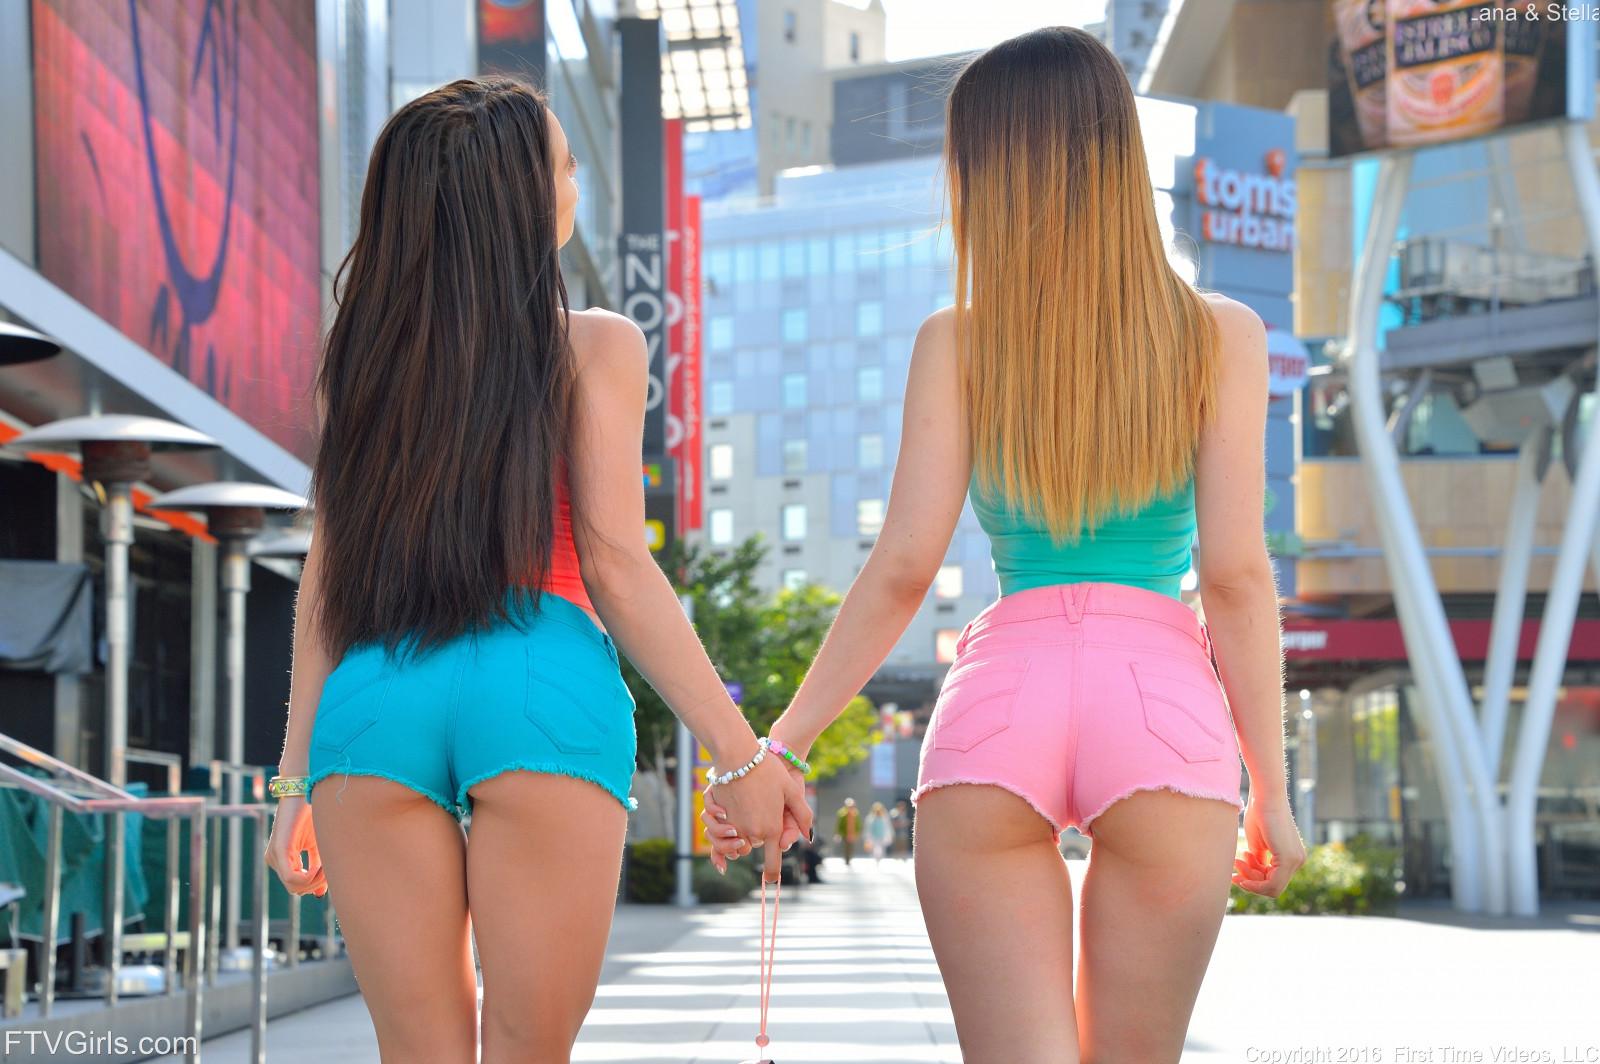 Lana rhoades x stella cox- ftv girls